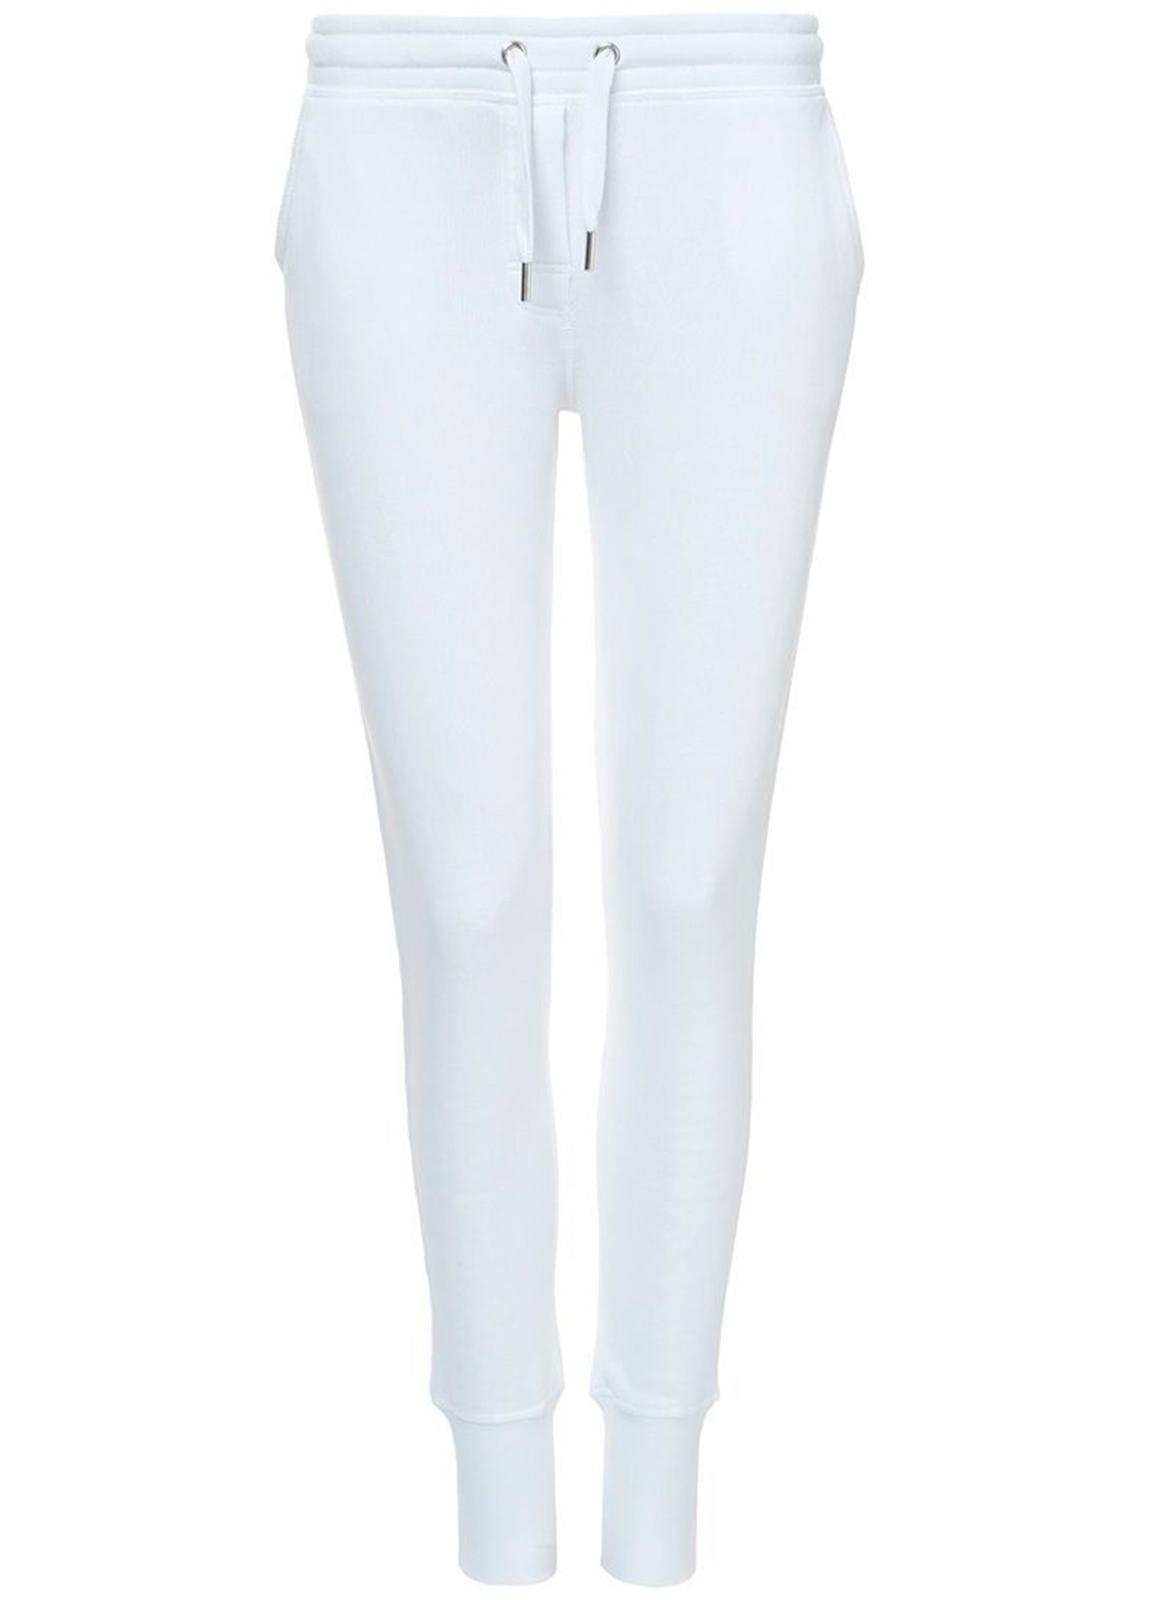 Pantalón jogging slim fit color blanco. 80% Algodón 20% Poliéster.